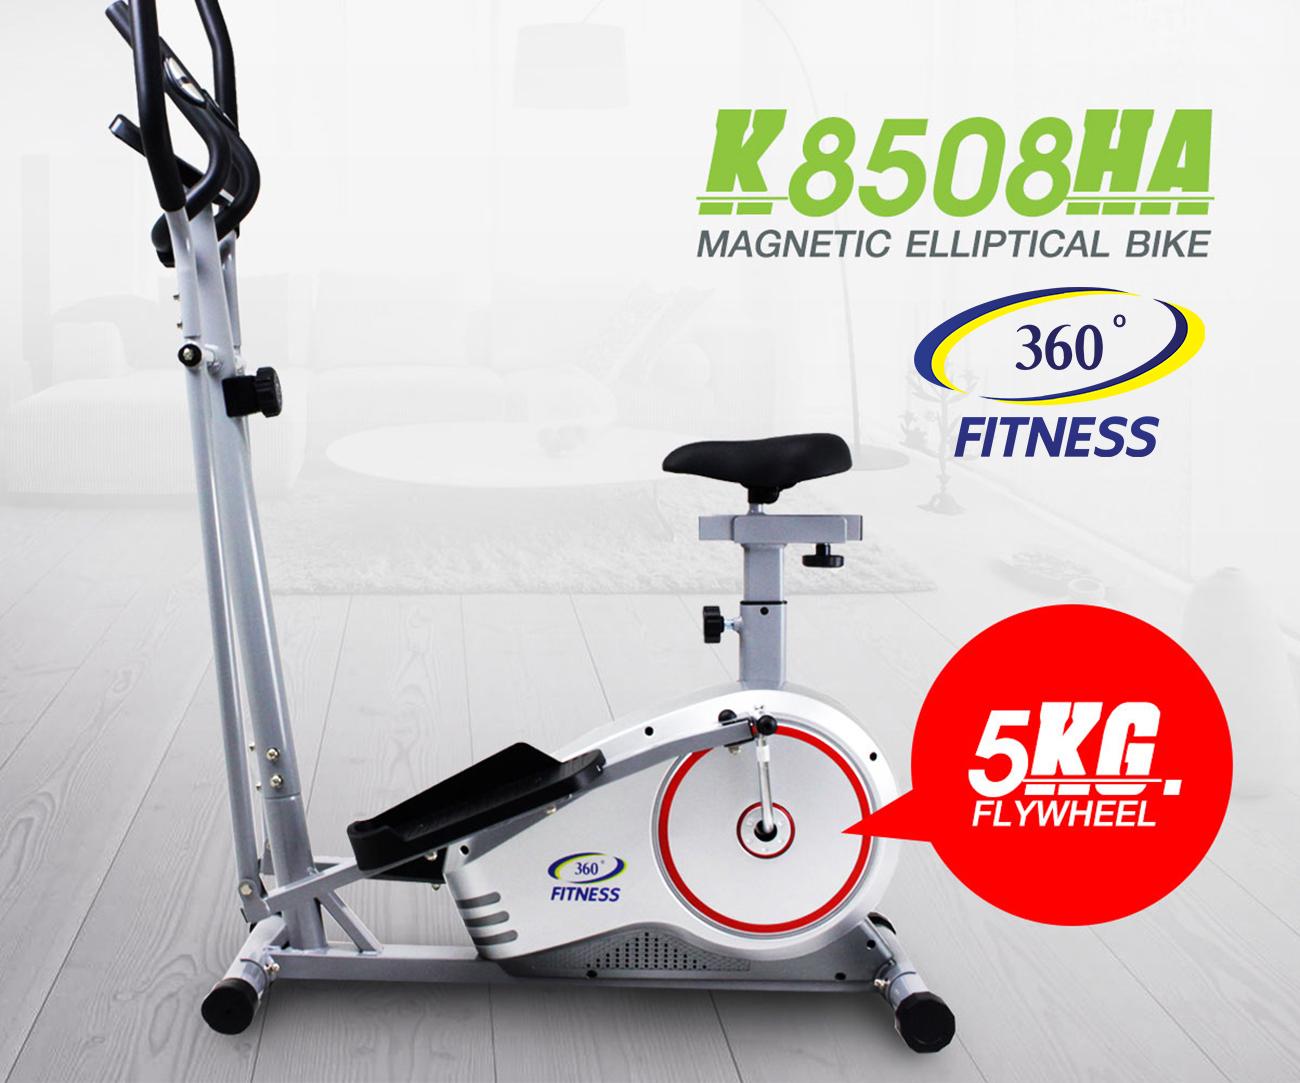 เครื่องเดินวงรี Magnetic Elliptical Bike 5KG. - K8508HA